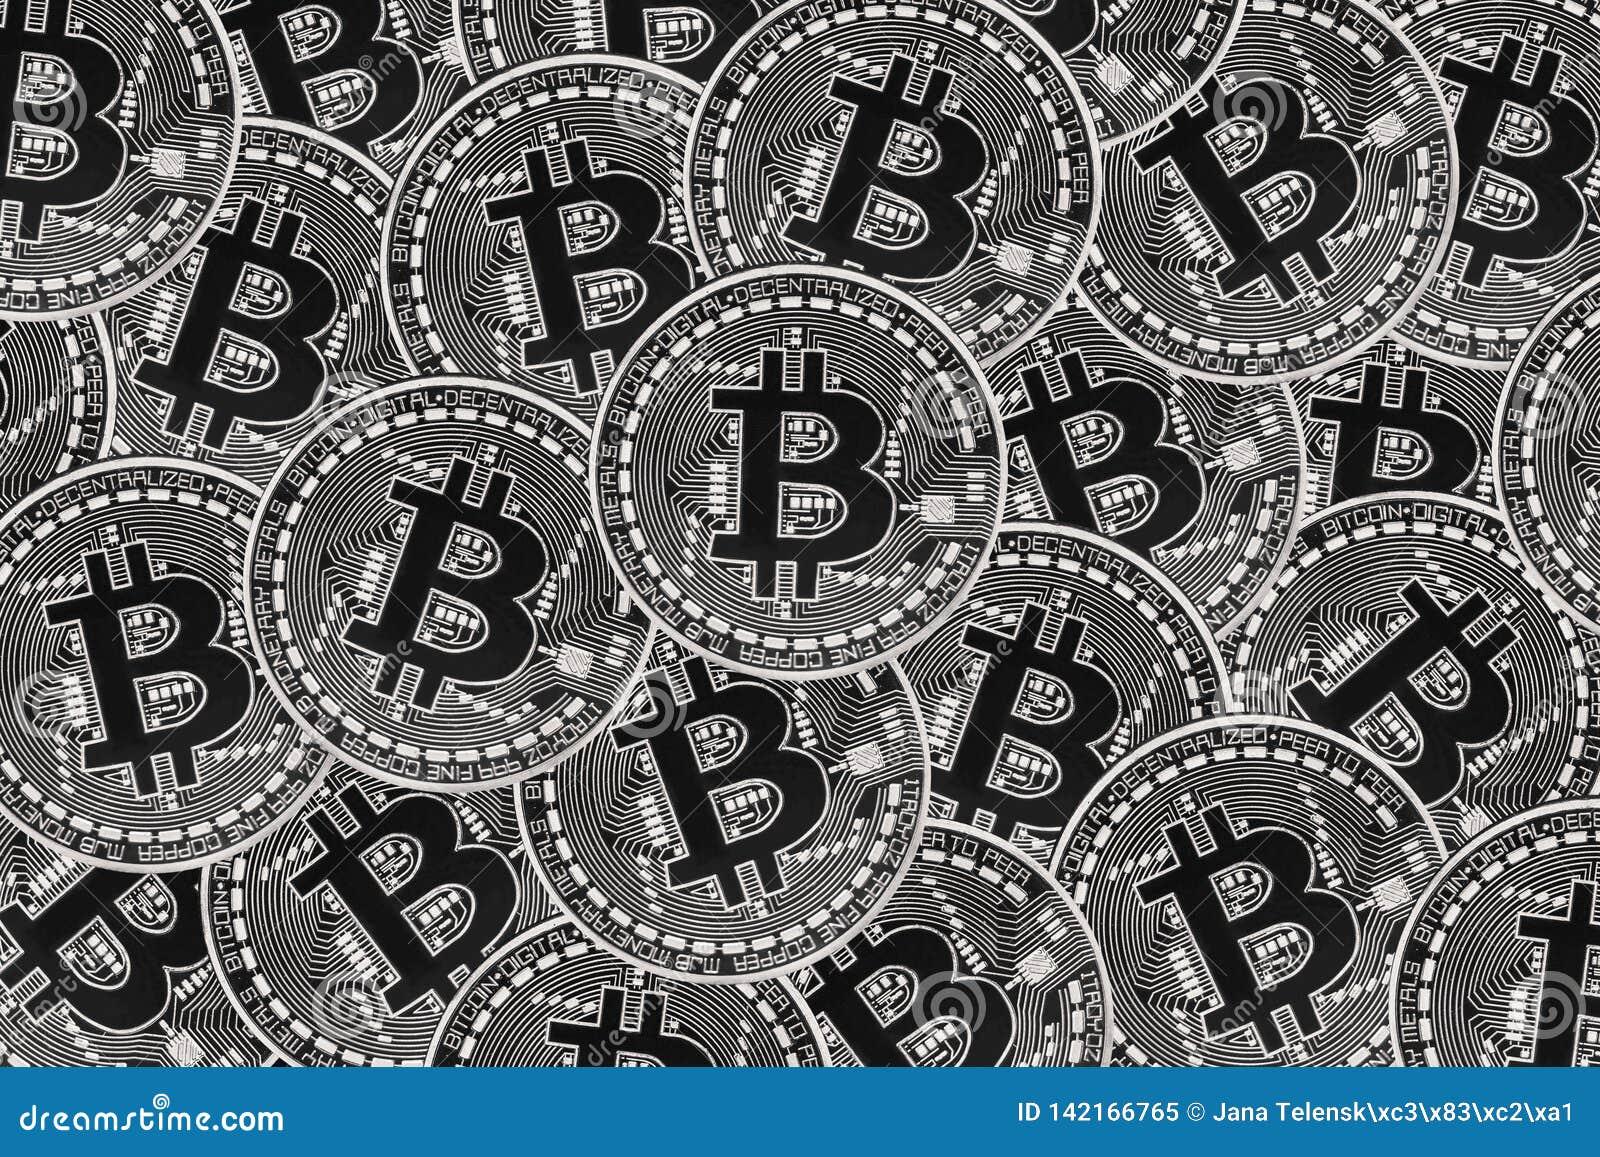 Vele zilveren muntstukken met Bitcoin-teken, het is een cryptocurrencyachtergrond